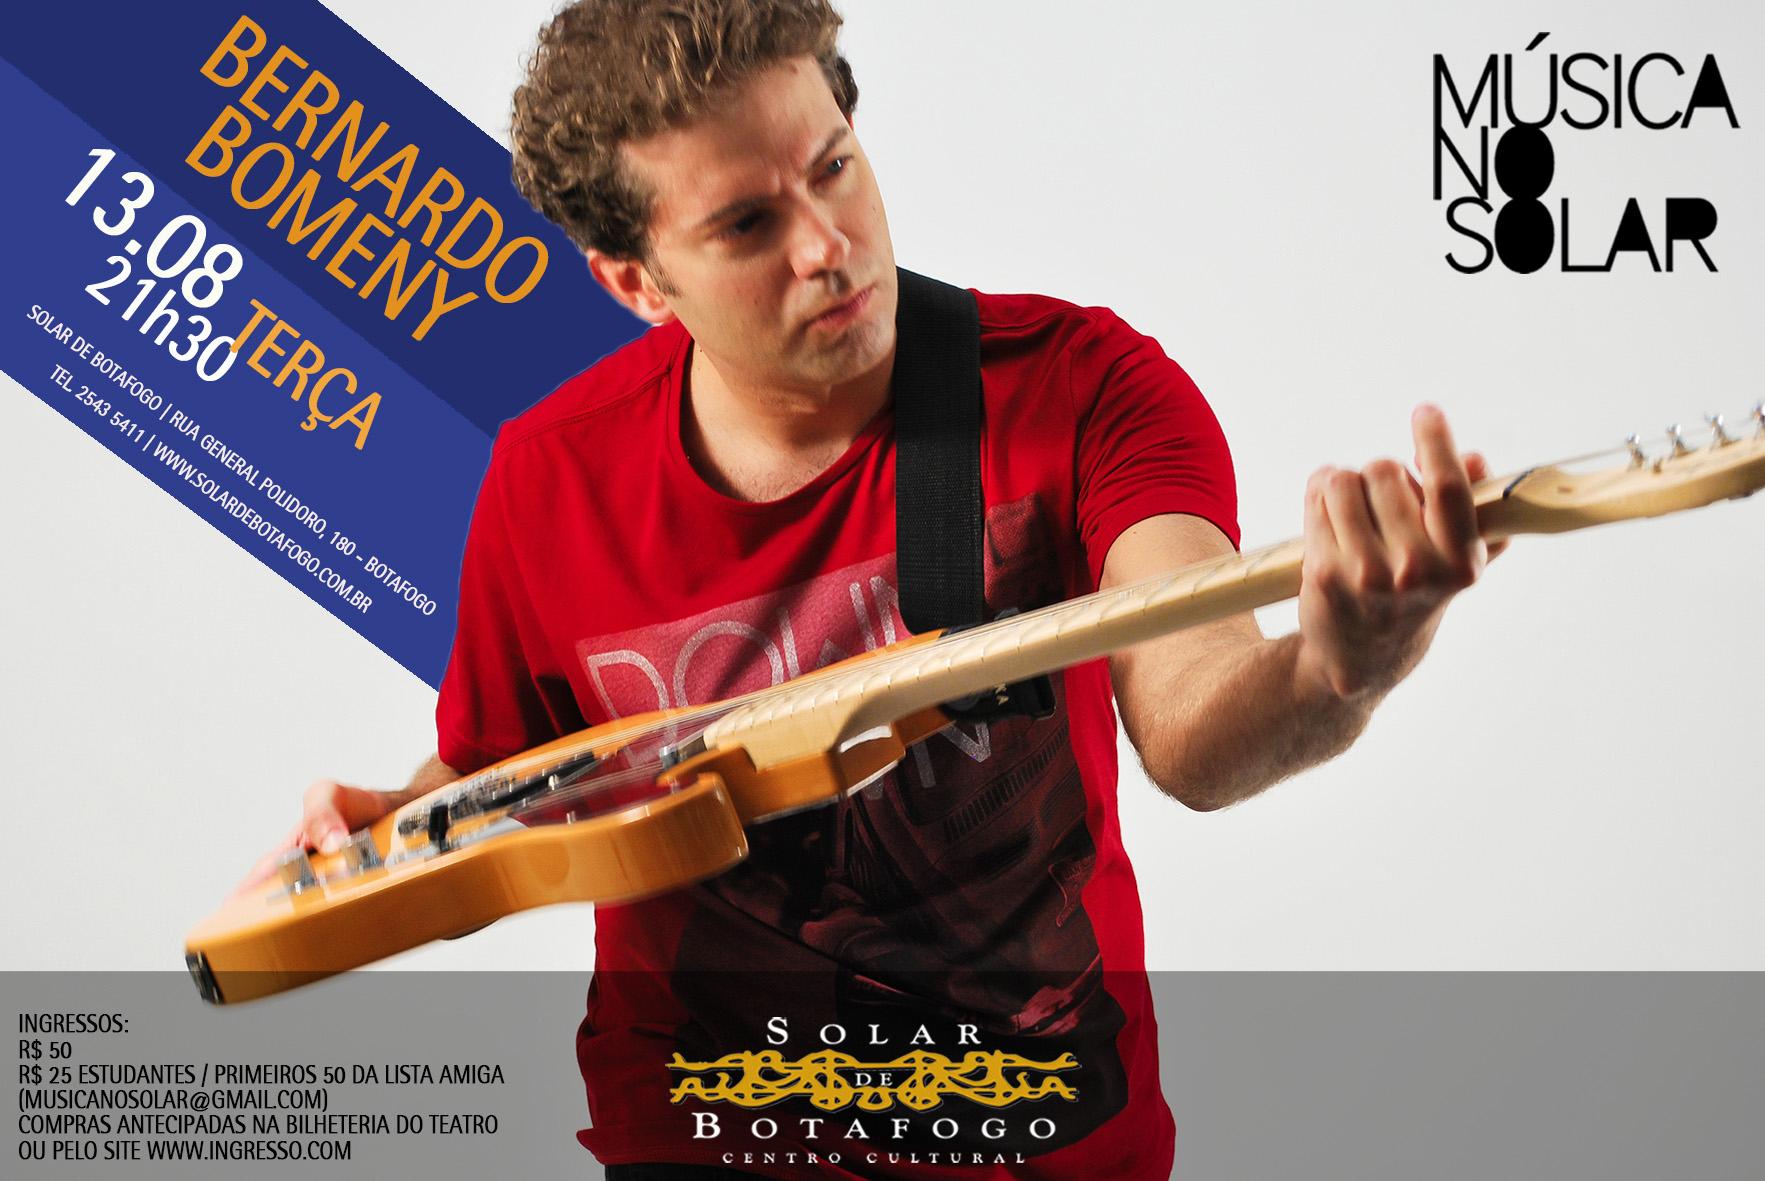 Lançamento: Plano Perfeito, Bernardo Bomeny